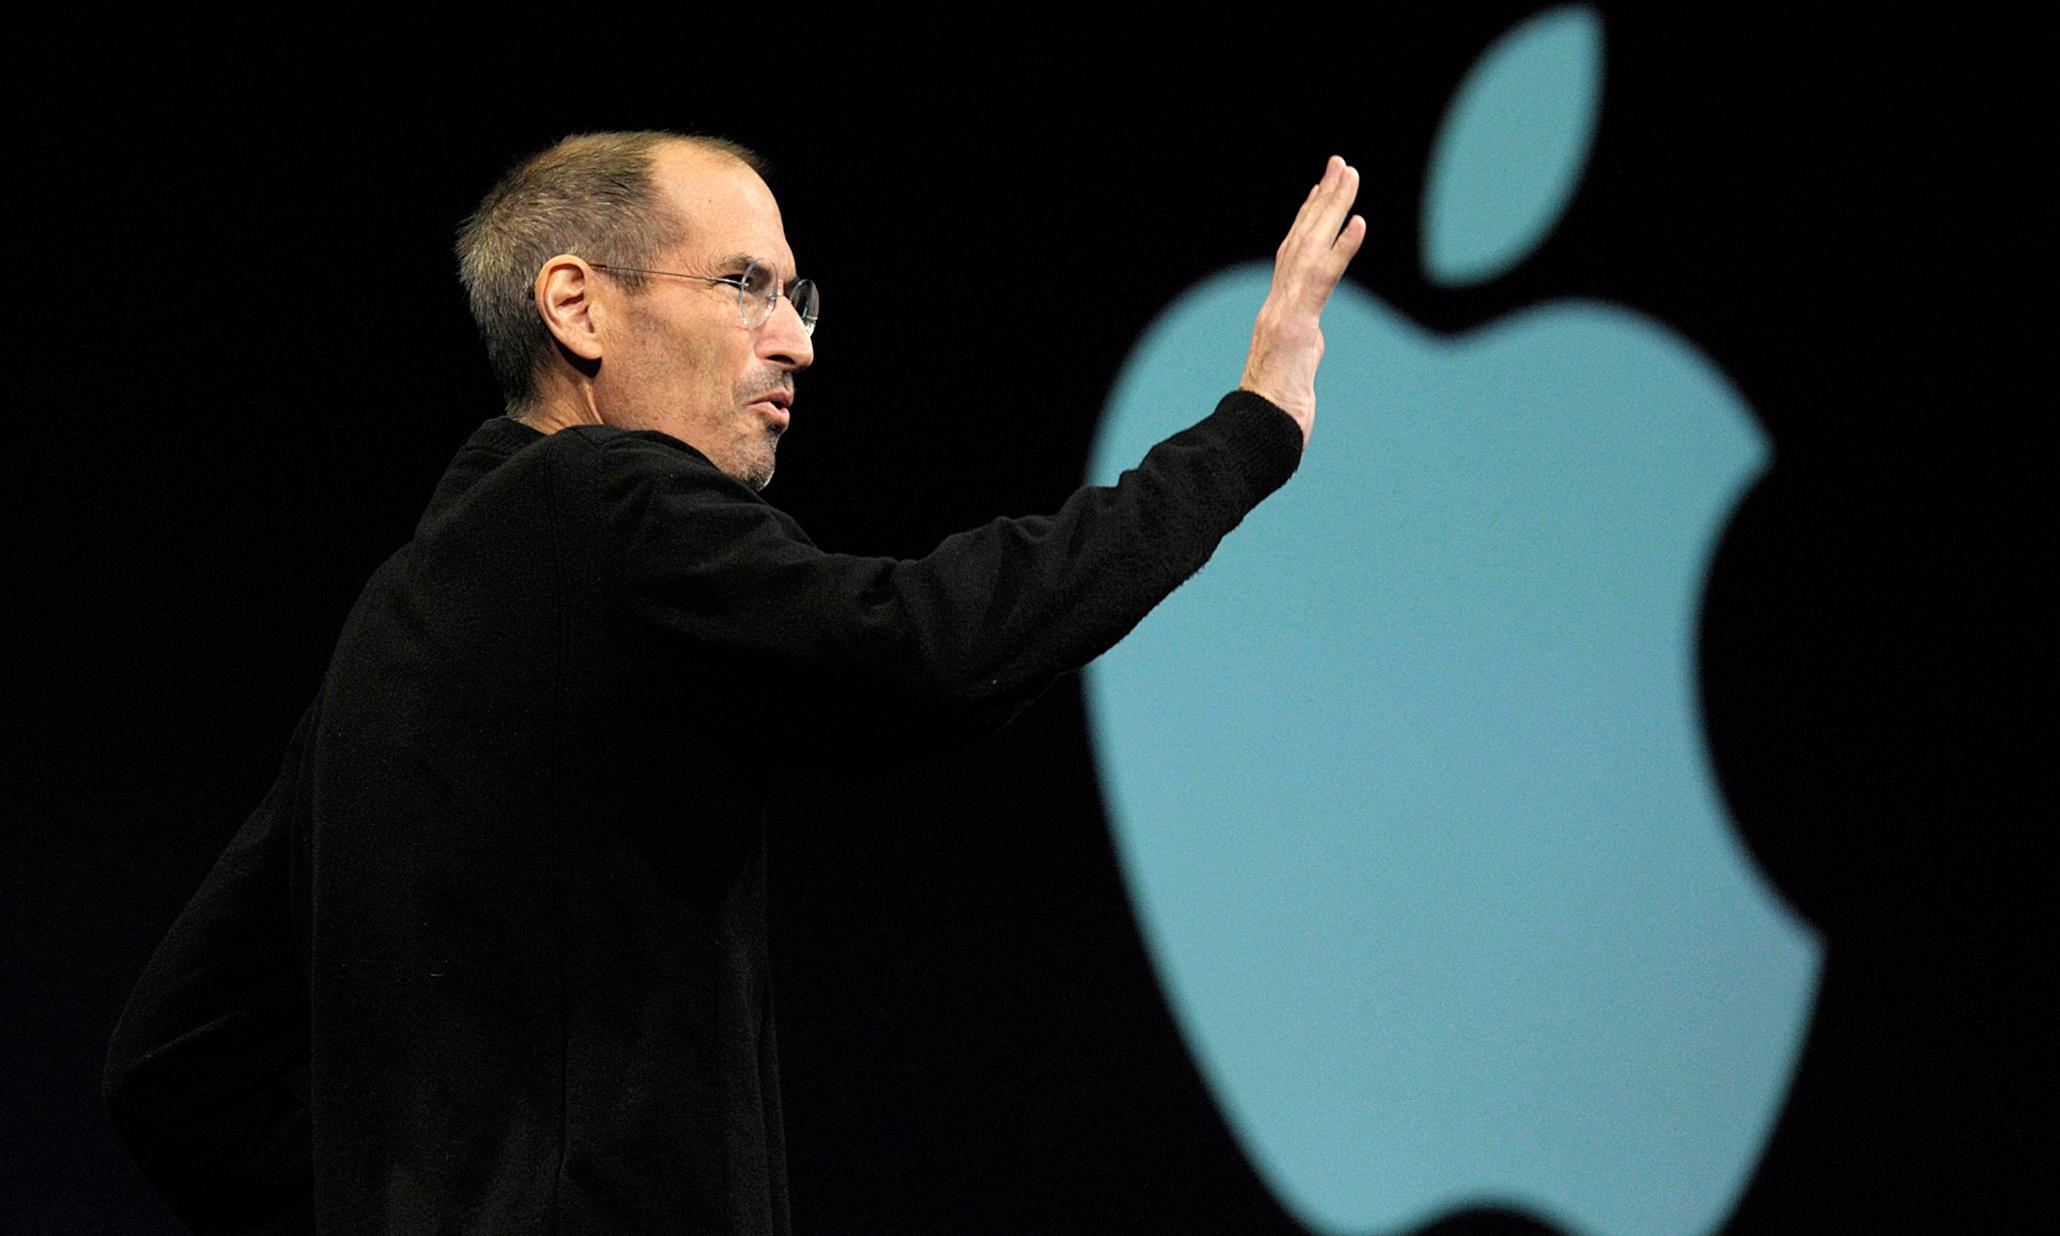 Steve Jobs rejected liver transplant offer from Tim Cook